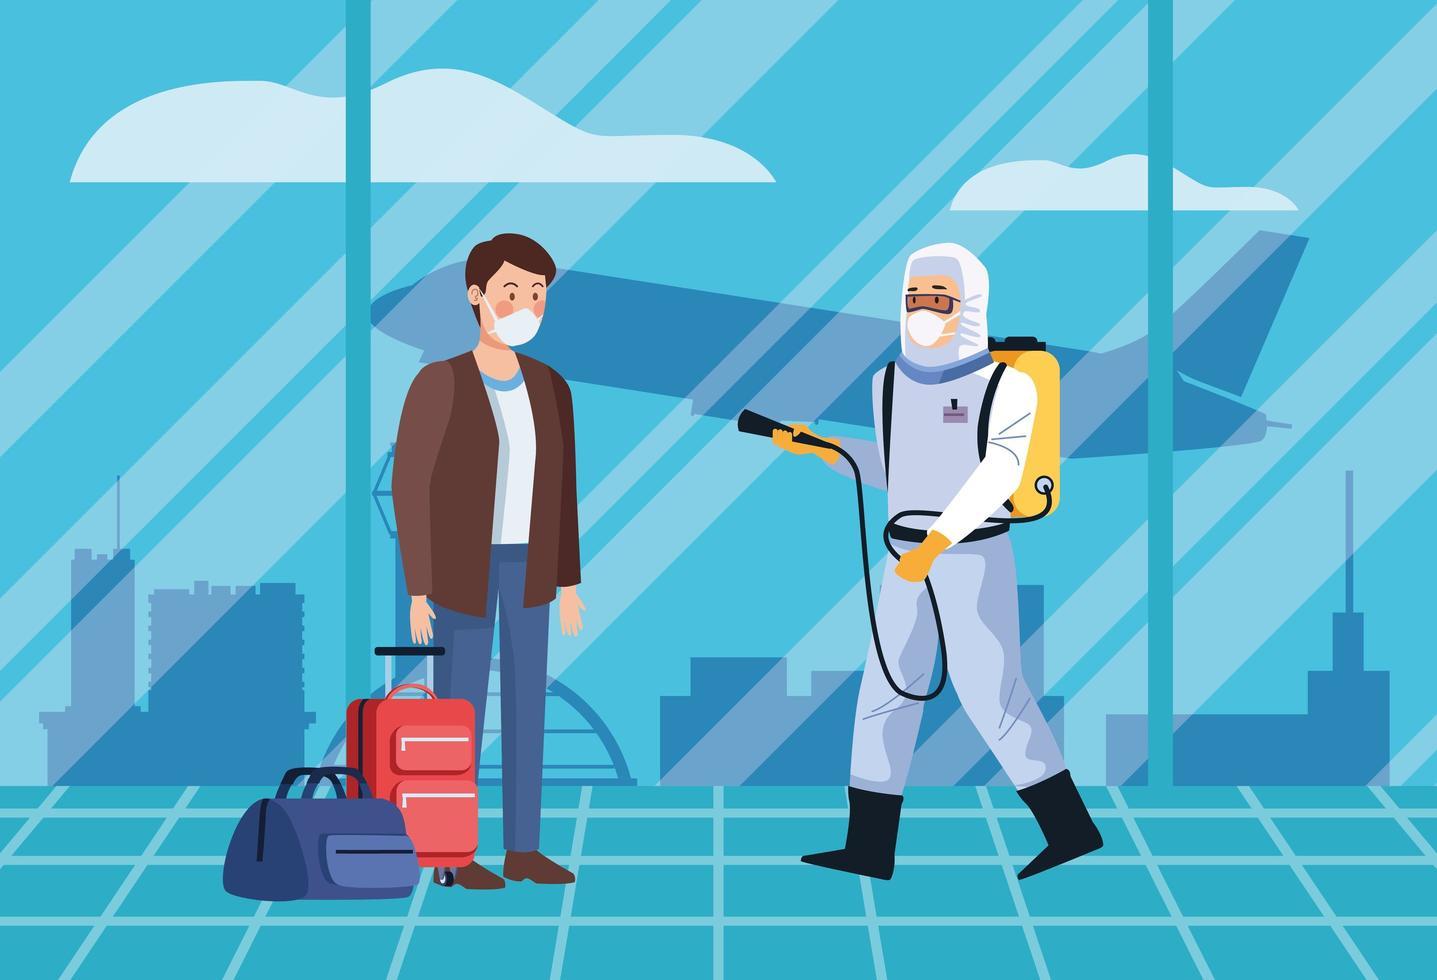 Biosicherheitsarbeiter desinfiziert Passagier am Flughafen für covid-19 vektor